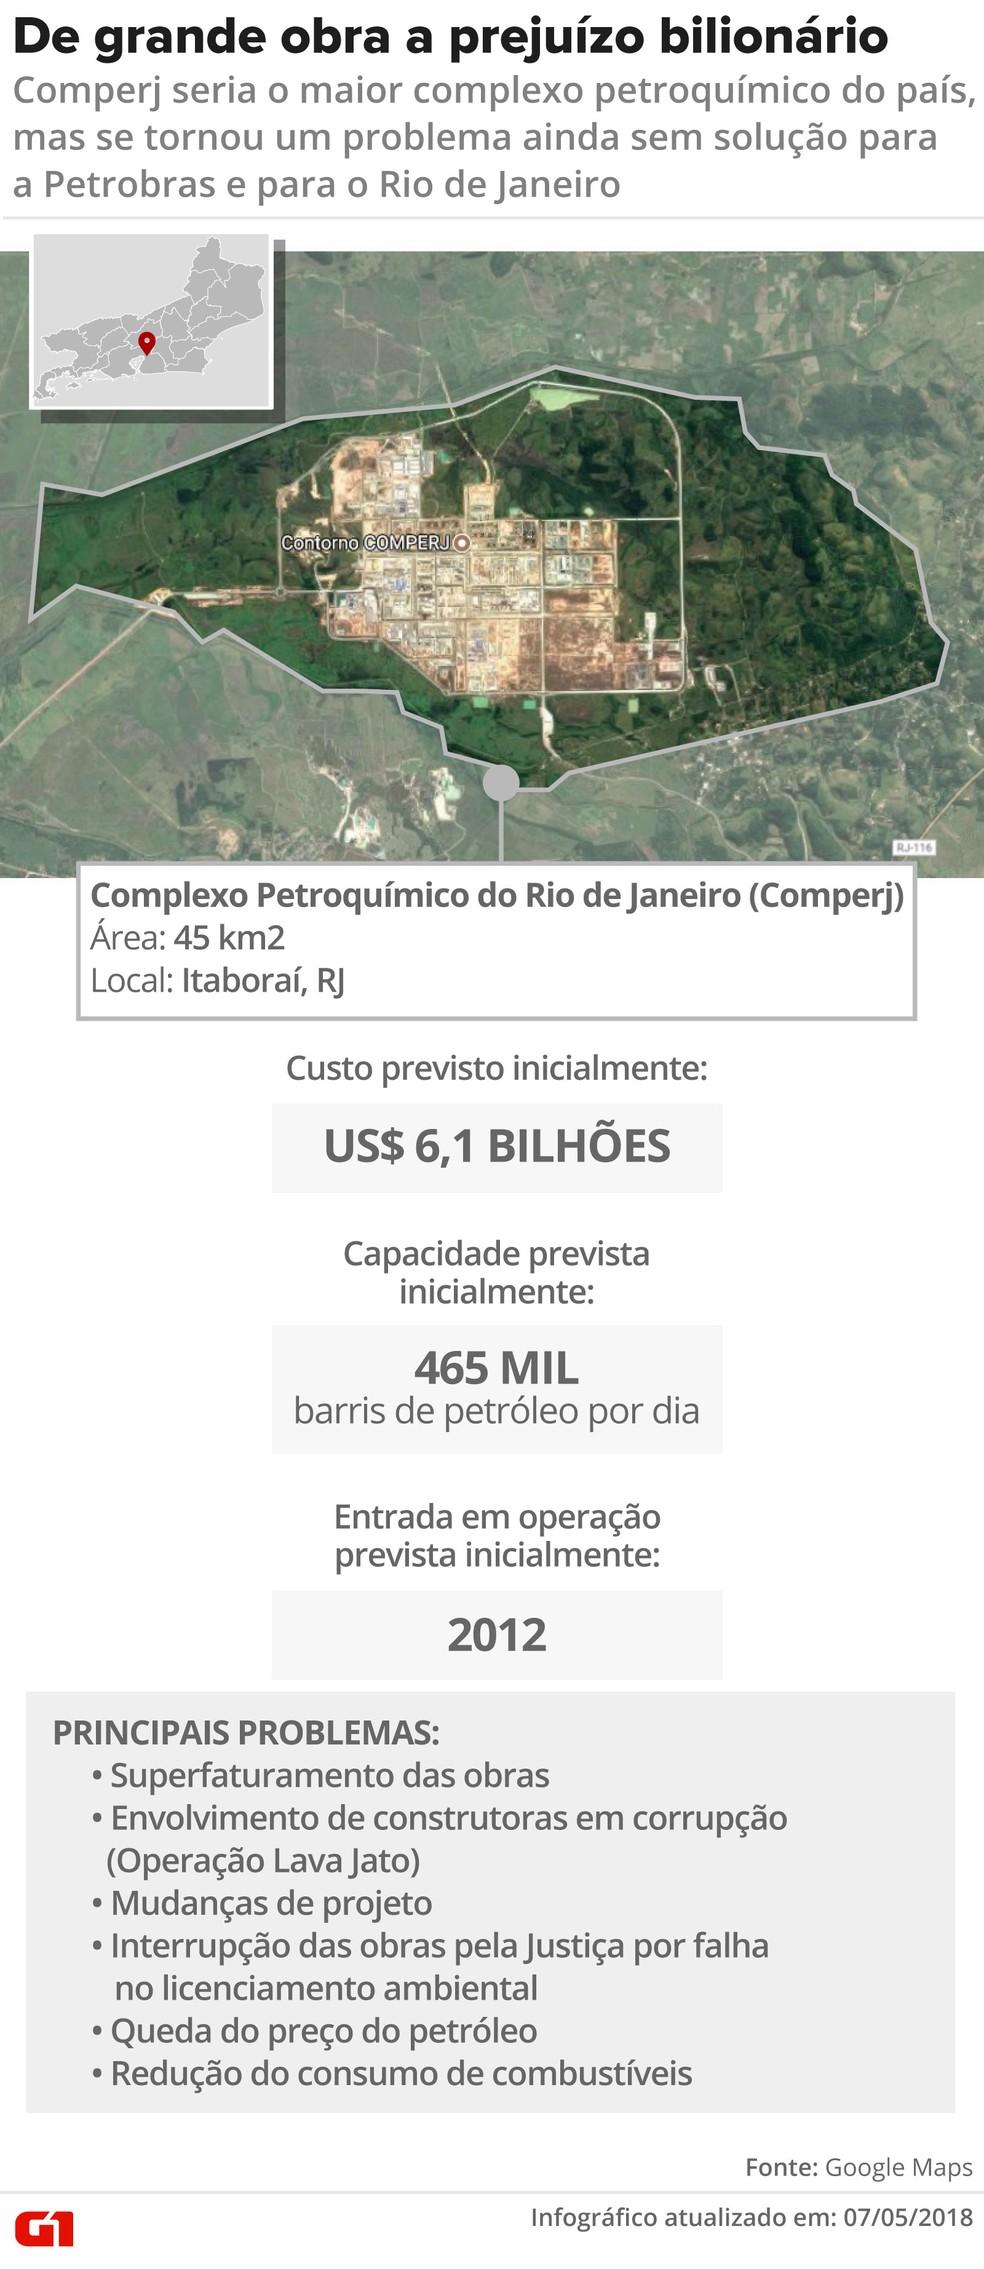 Comperj deveria ser o maior complexo petroquímico do Brasil, mas obra está parada e alvo de investigação (Foto: Infográfico: Wagner M. Paula/G1 )